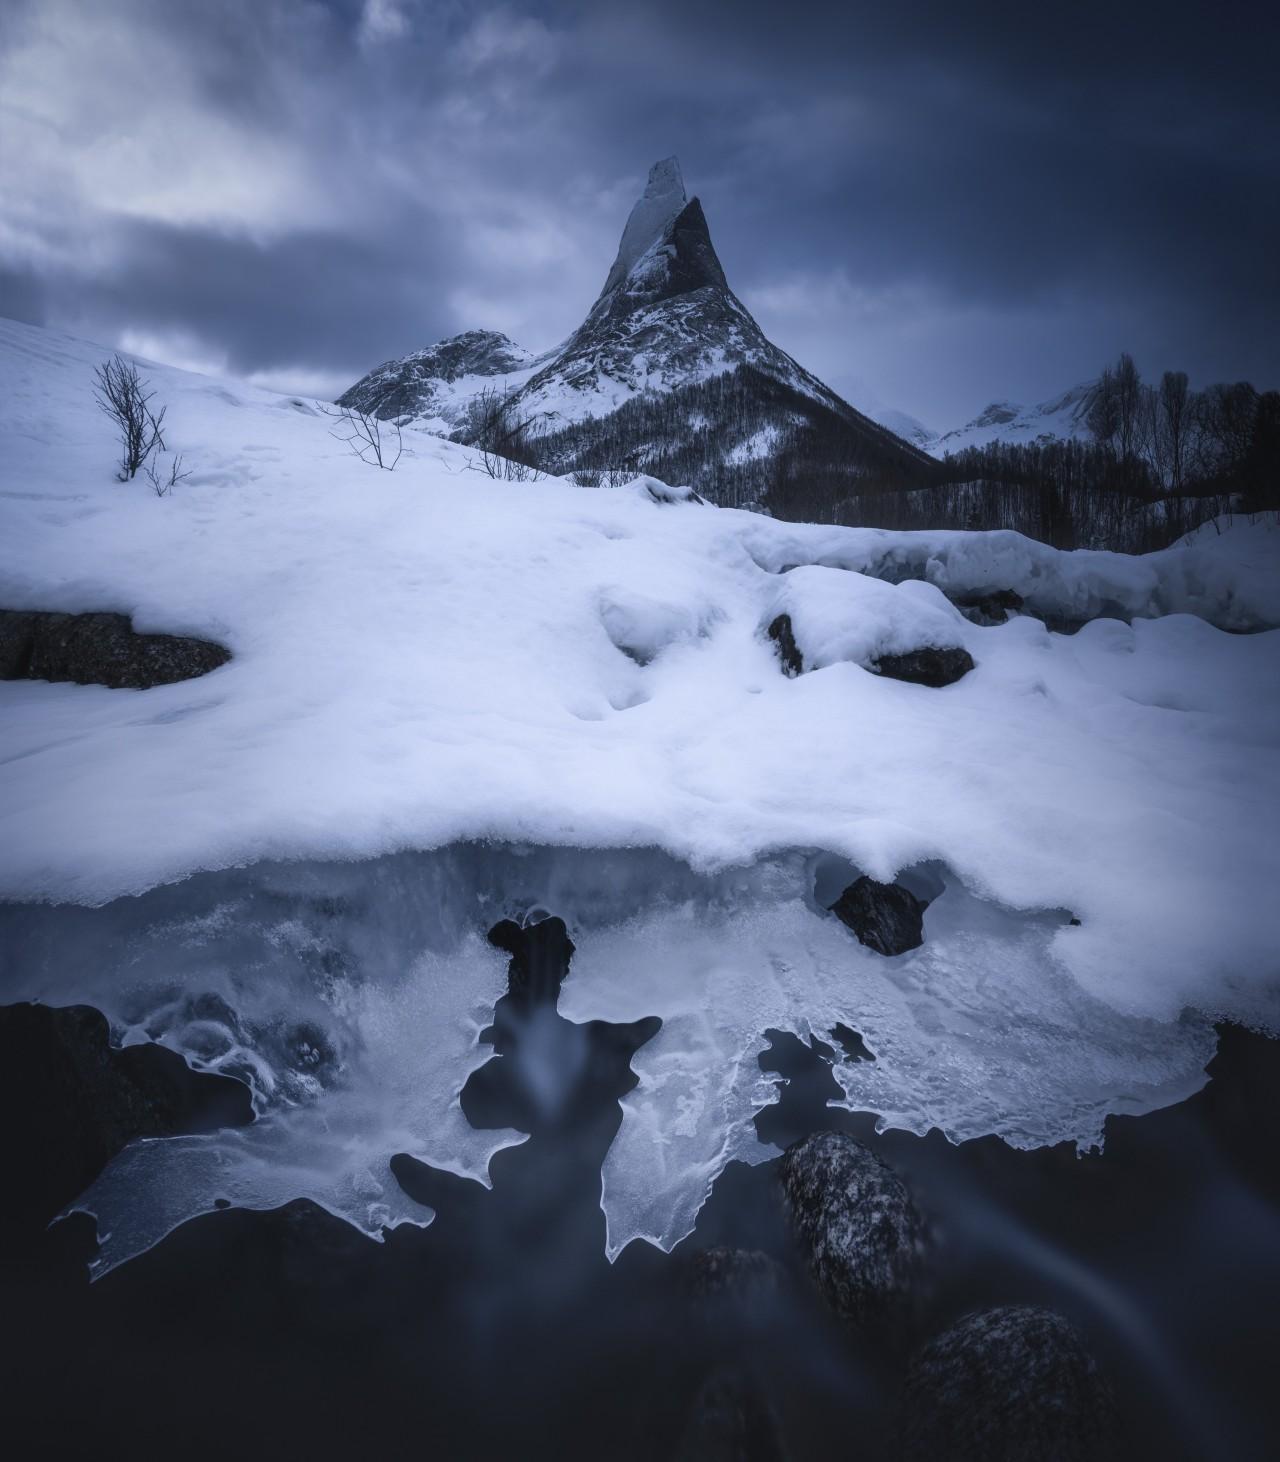 Лауреат премии «Снег и лёд» 2020. Северная Норвегия. Автор Хонг Джен Чианг